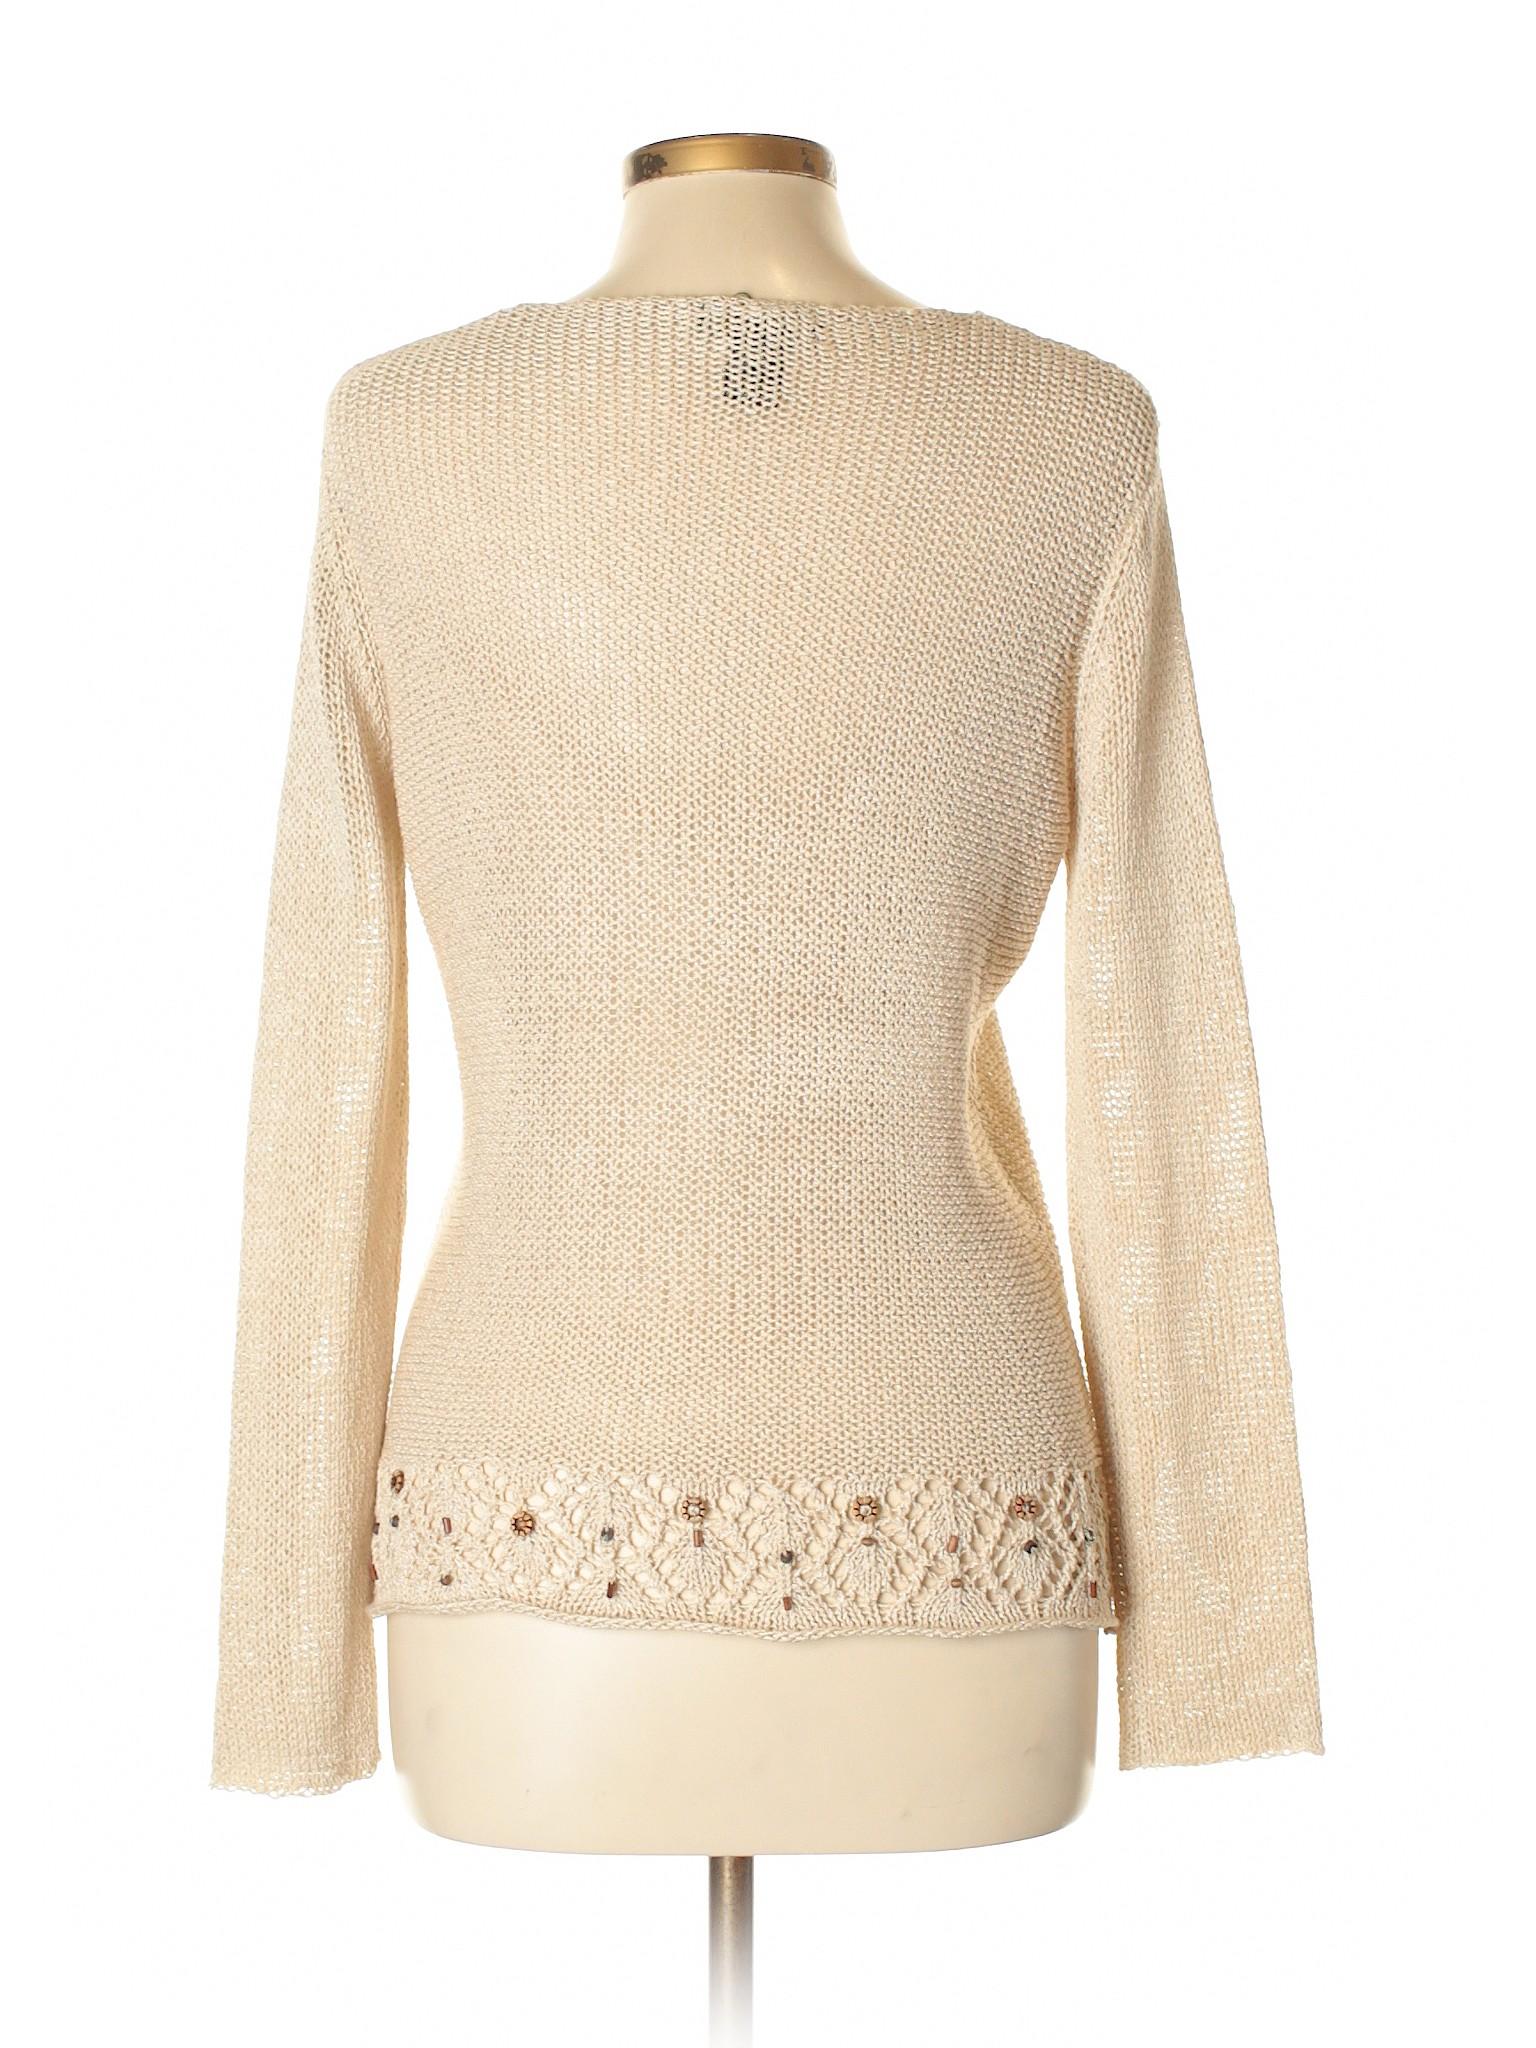 BCBGMAXAZRIA Boutique Pullover winter Boutique Sweater winter wPYqS4